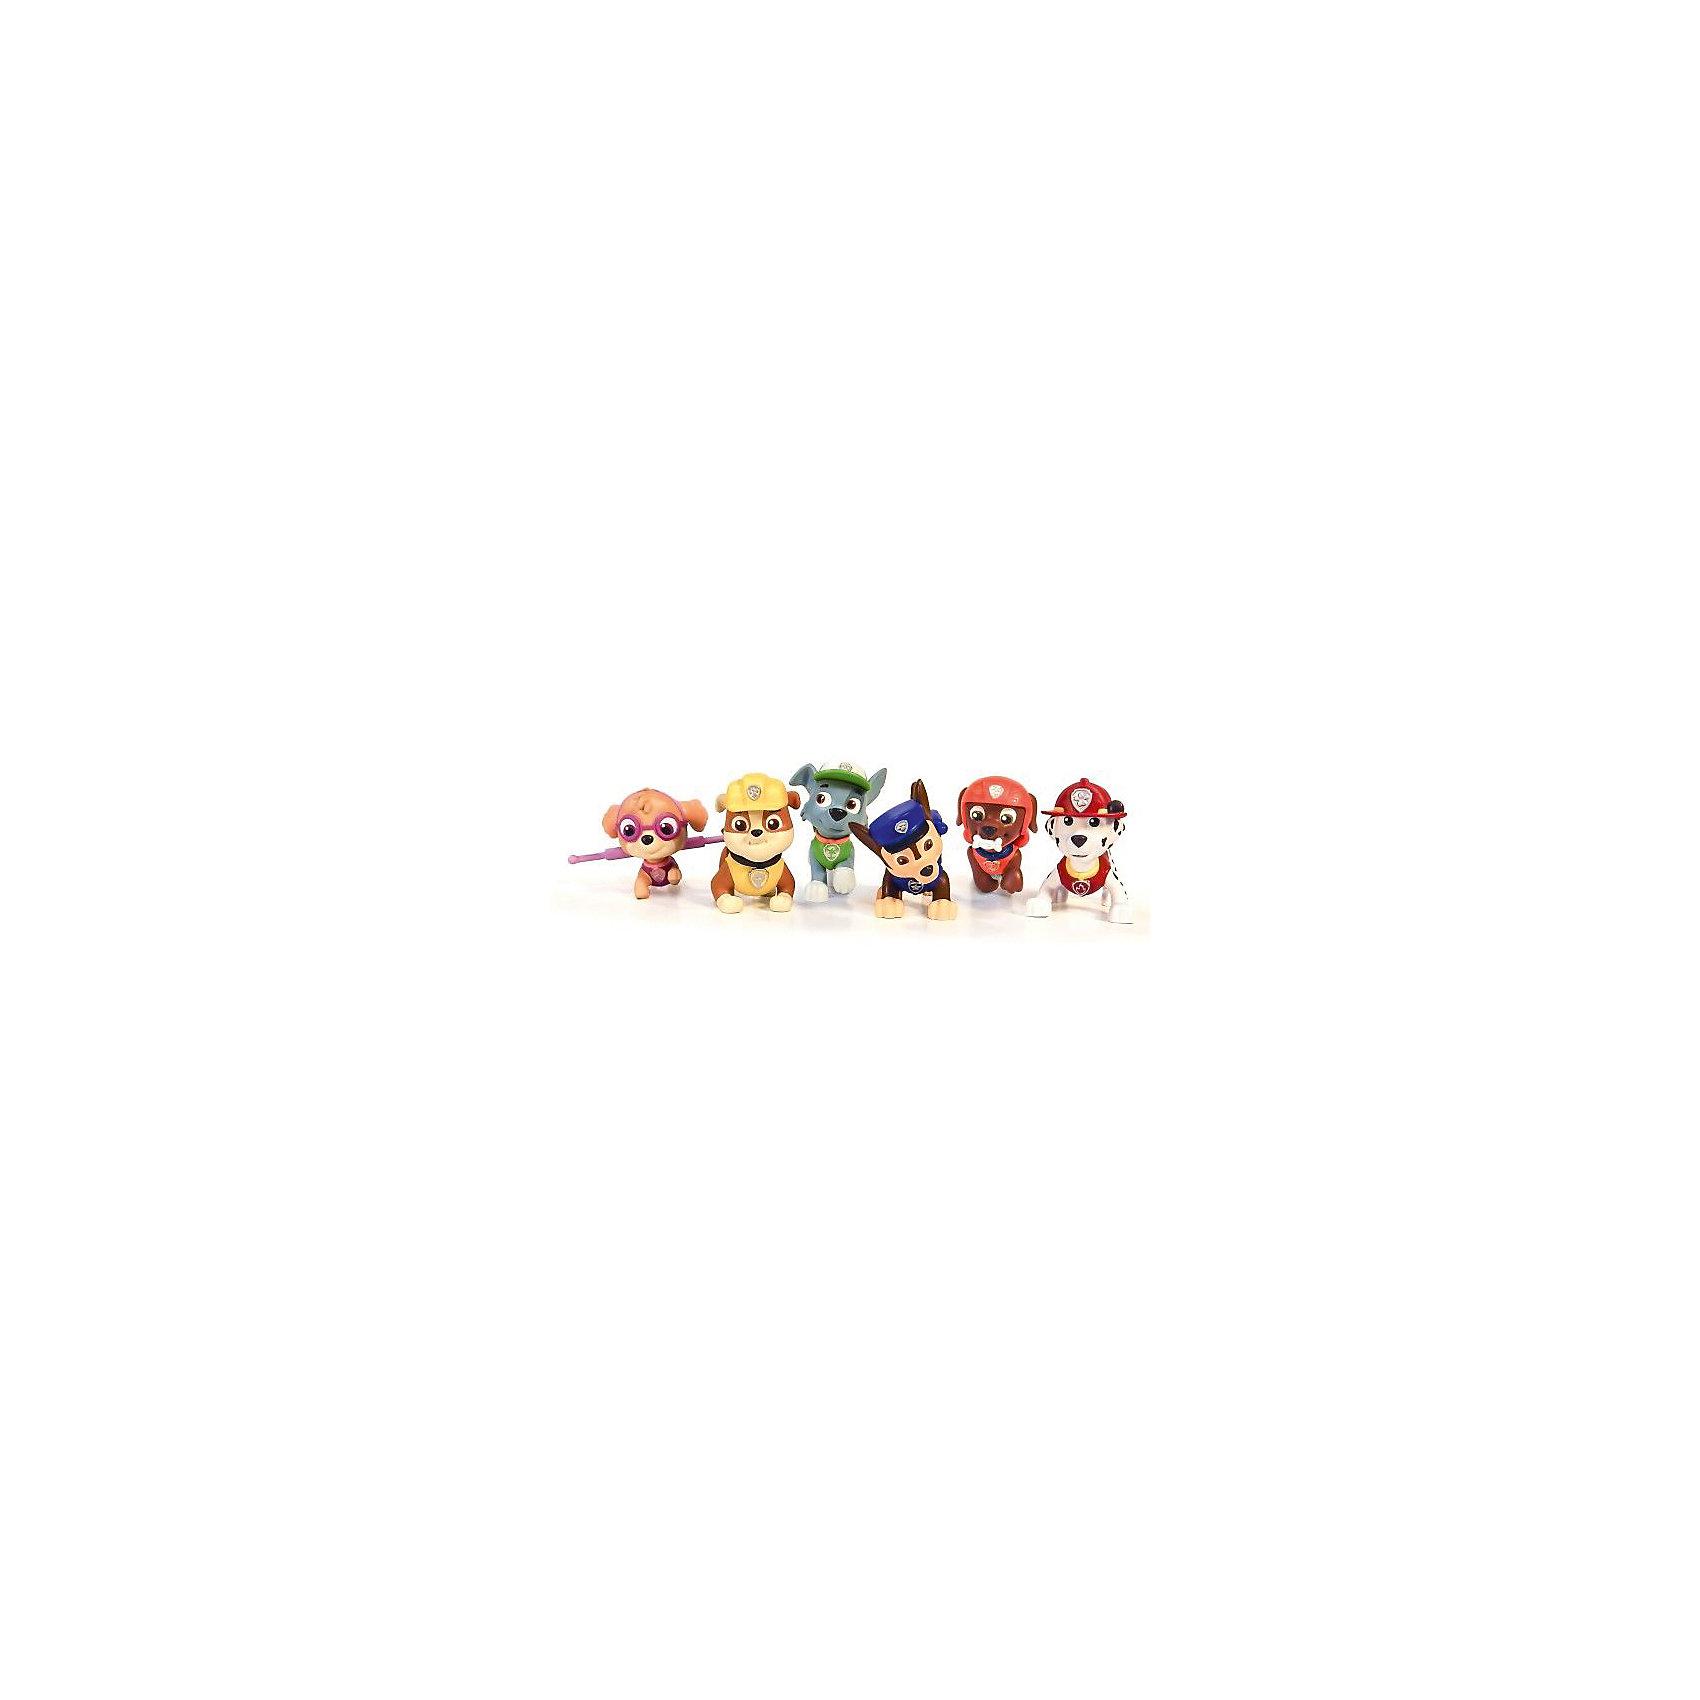 Набор из 6 фигурок, Щенячий патруль, Spin MasterИгрушки<br>Этот набор обязательно понравится всем любителям мультсериала Paw Patrol.  Все фигурки прекрасно детализированы и реалистично раскрашены, очень похожи на героев мультфильма. Здесь есть храбрый Чейз, стойкий Крепыш, целеустремленный Рокки, добряк Маршал, весельчак Зума и умница Скай. Игрушки выполнены из высококачественного пластика безопасного для детей. <br><br>Дополнительная информация:<br><br>- Материал: пластик.<br>- 6 фигурок в наборе.<br>- Жетон спасателя в комплекте.<br>- Размер упаковки: 20 x 8 x 32 см.<br><br>Набор из 6 фигурок, Щенячий патруль, Spin Master, можно купить в нашем магазине.<br><br>Ширина мм: 80<br>Глубина мм: 320<br>Высота мм: 200<br>Вес г: 515<br>Возраст от месяцев: 36<br>Возраст до месяцев: 84<br>Пол: Унисекс<br>Возраст: Детский<br>SKU: 4278440